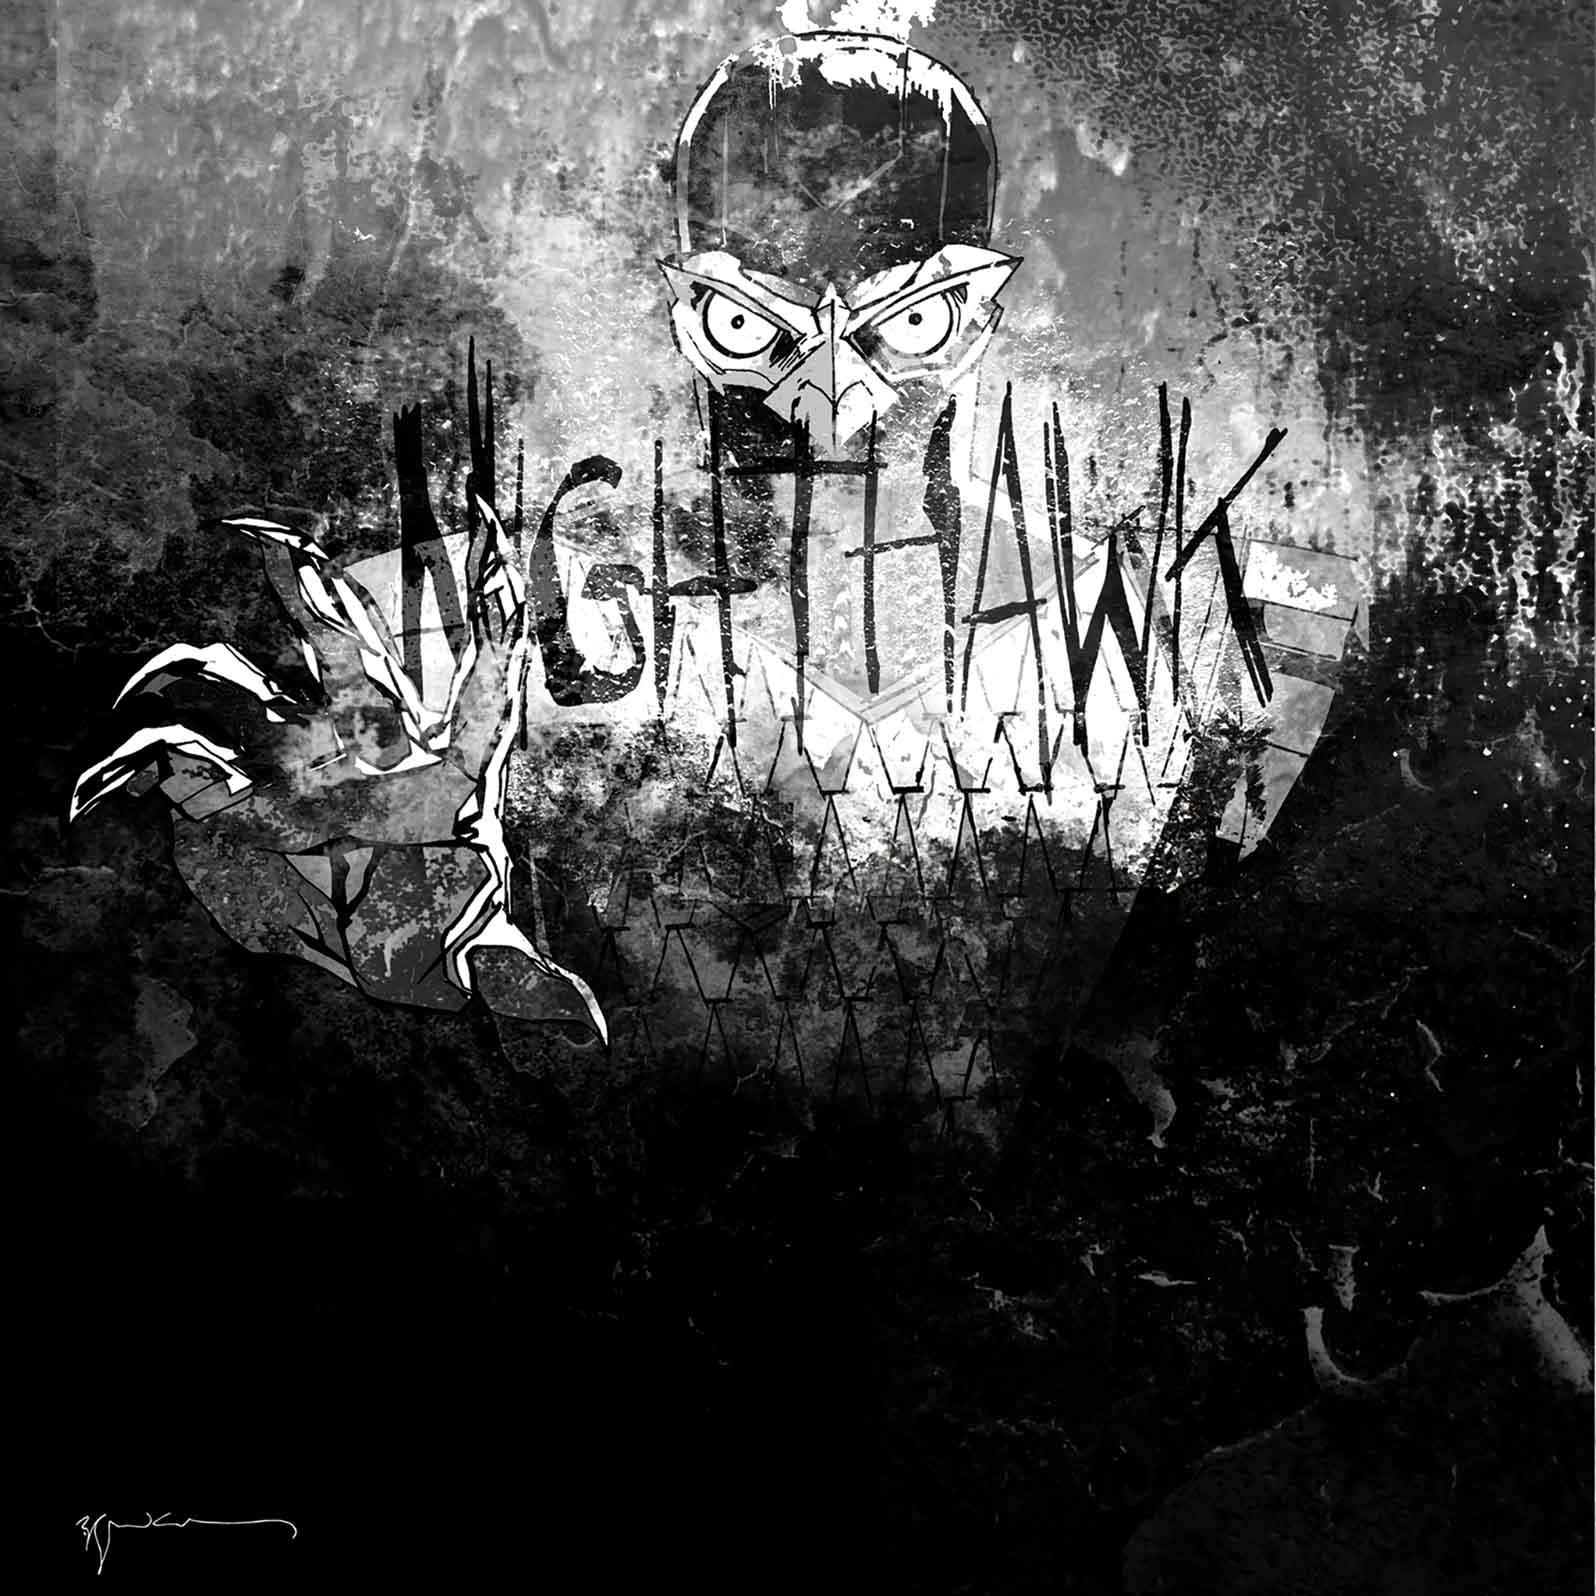 Nighthawk_Hip-Hop_Variant